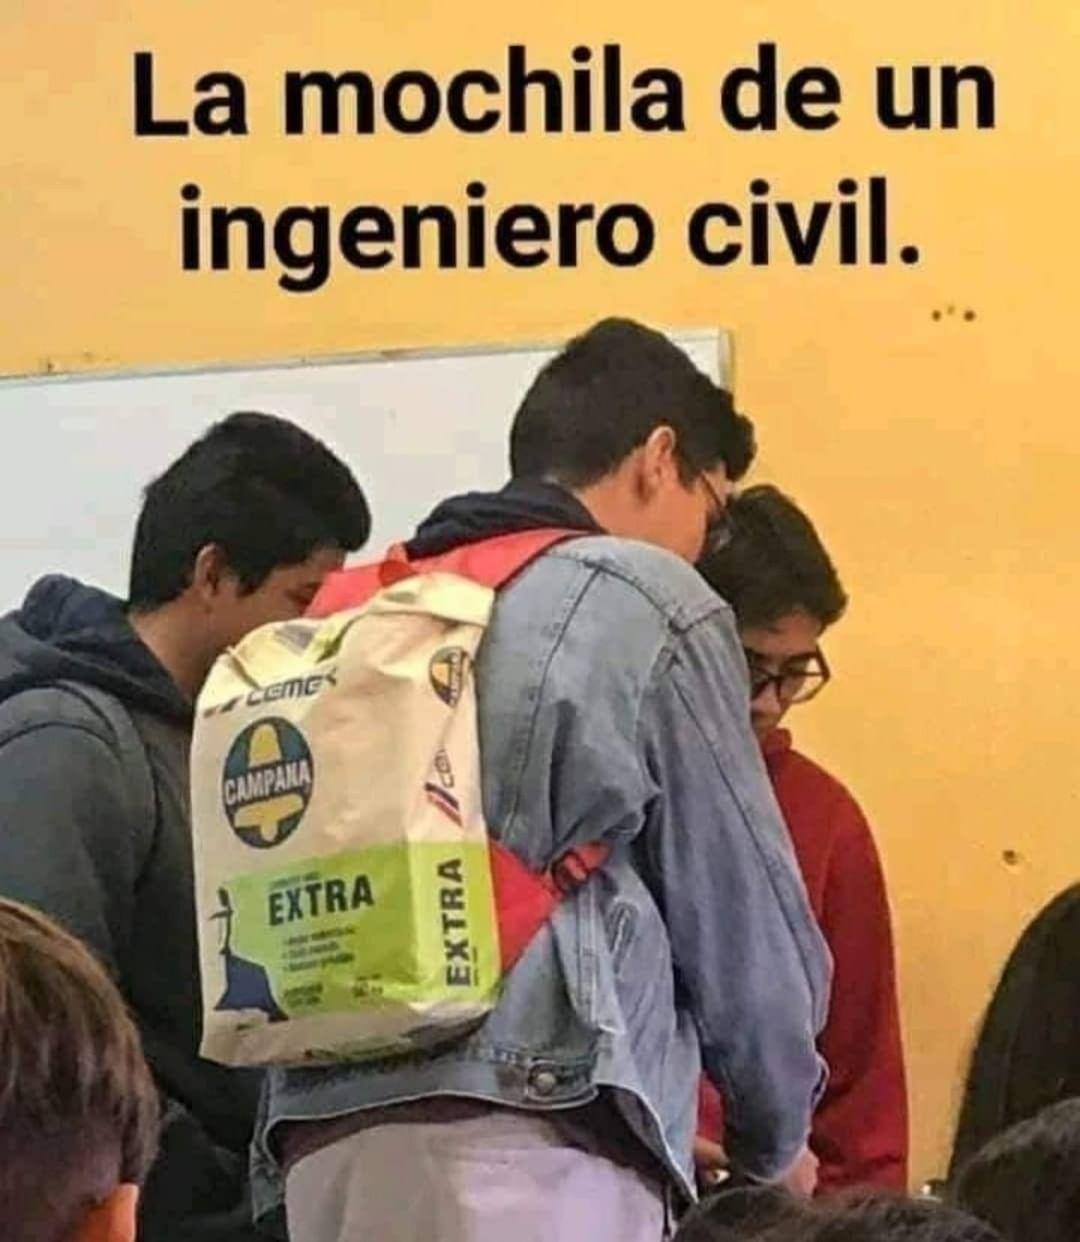 La mochila de un ingeniero civil.